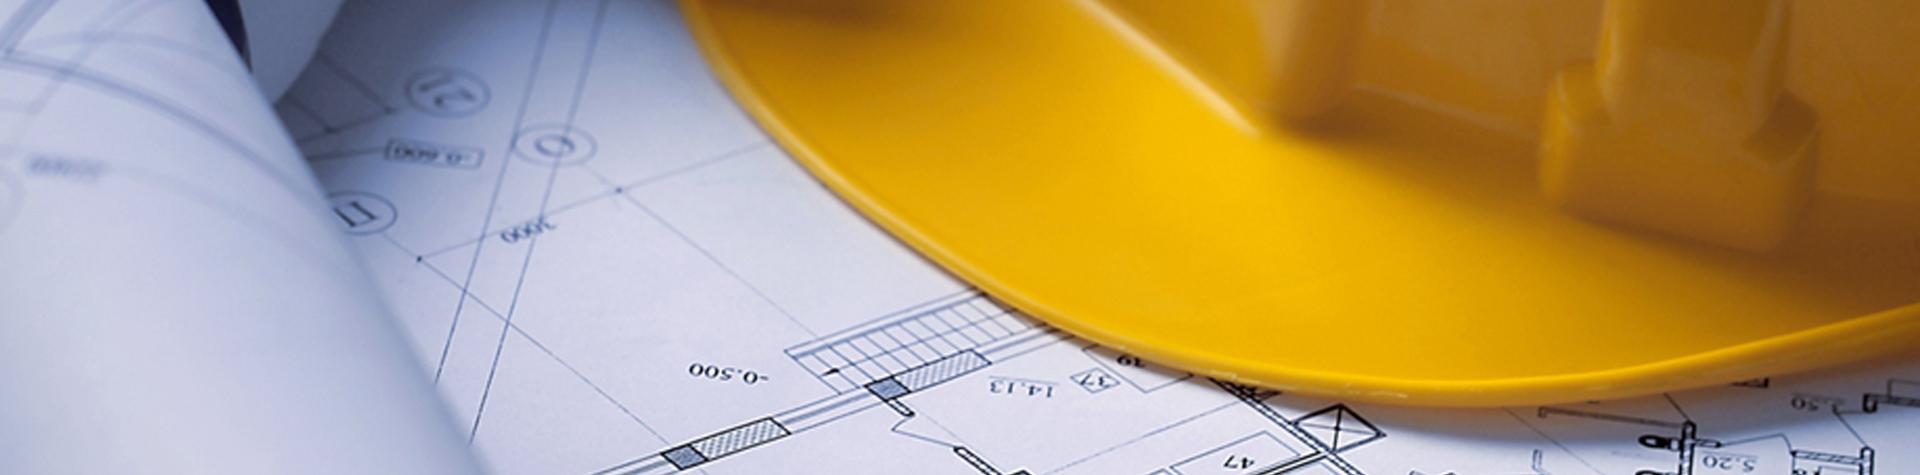 BSc Construction (Site Management)   UCC University Centre